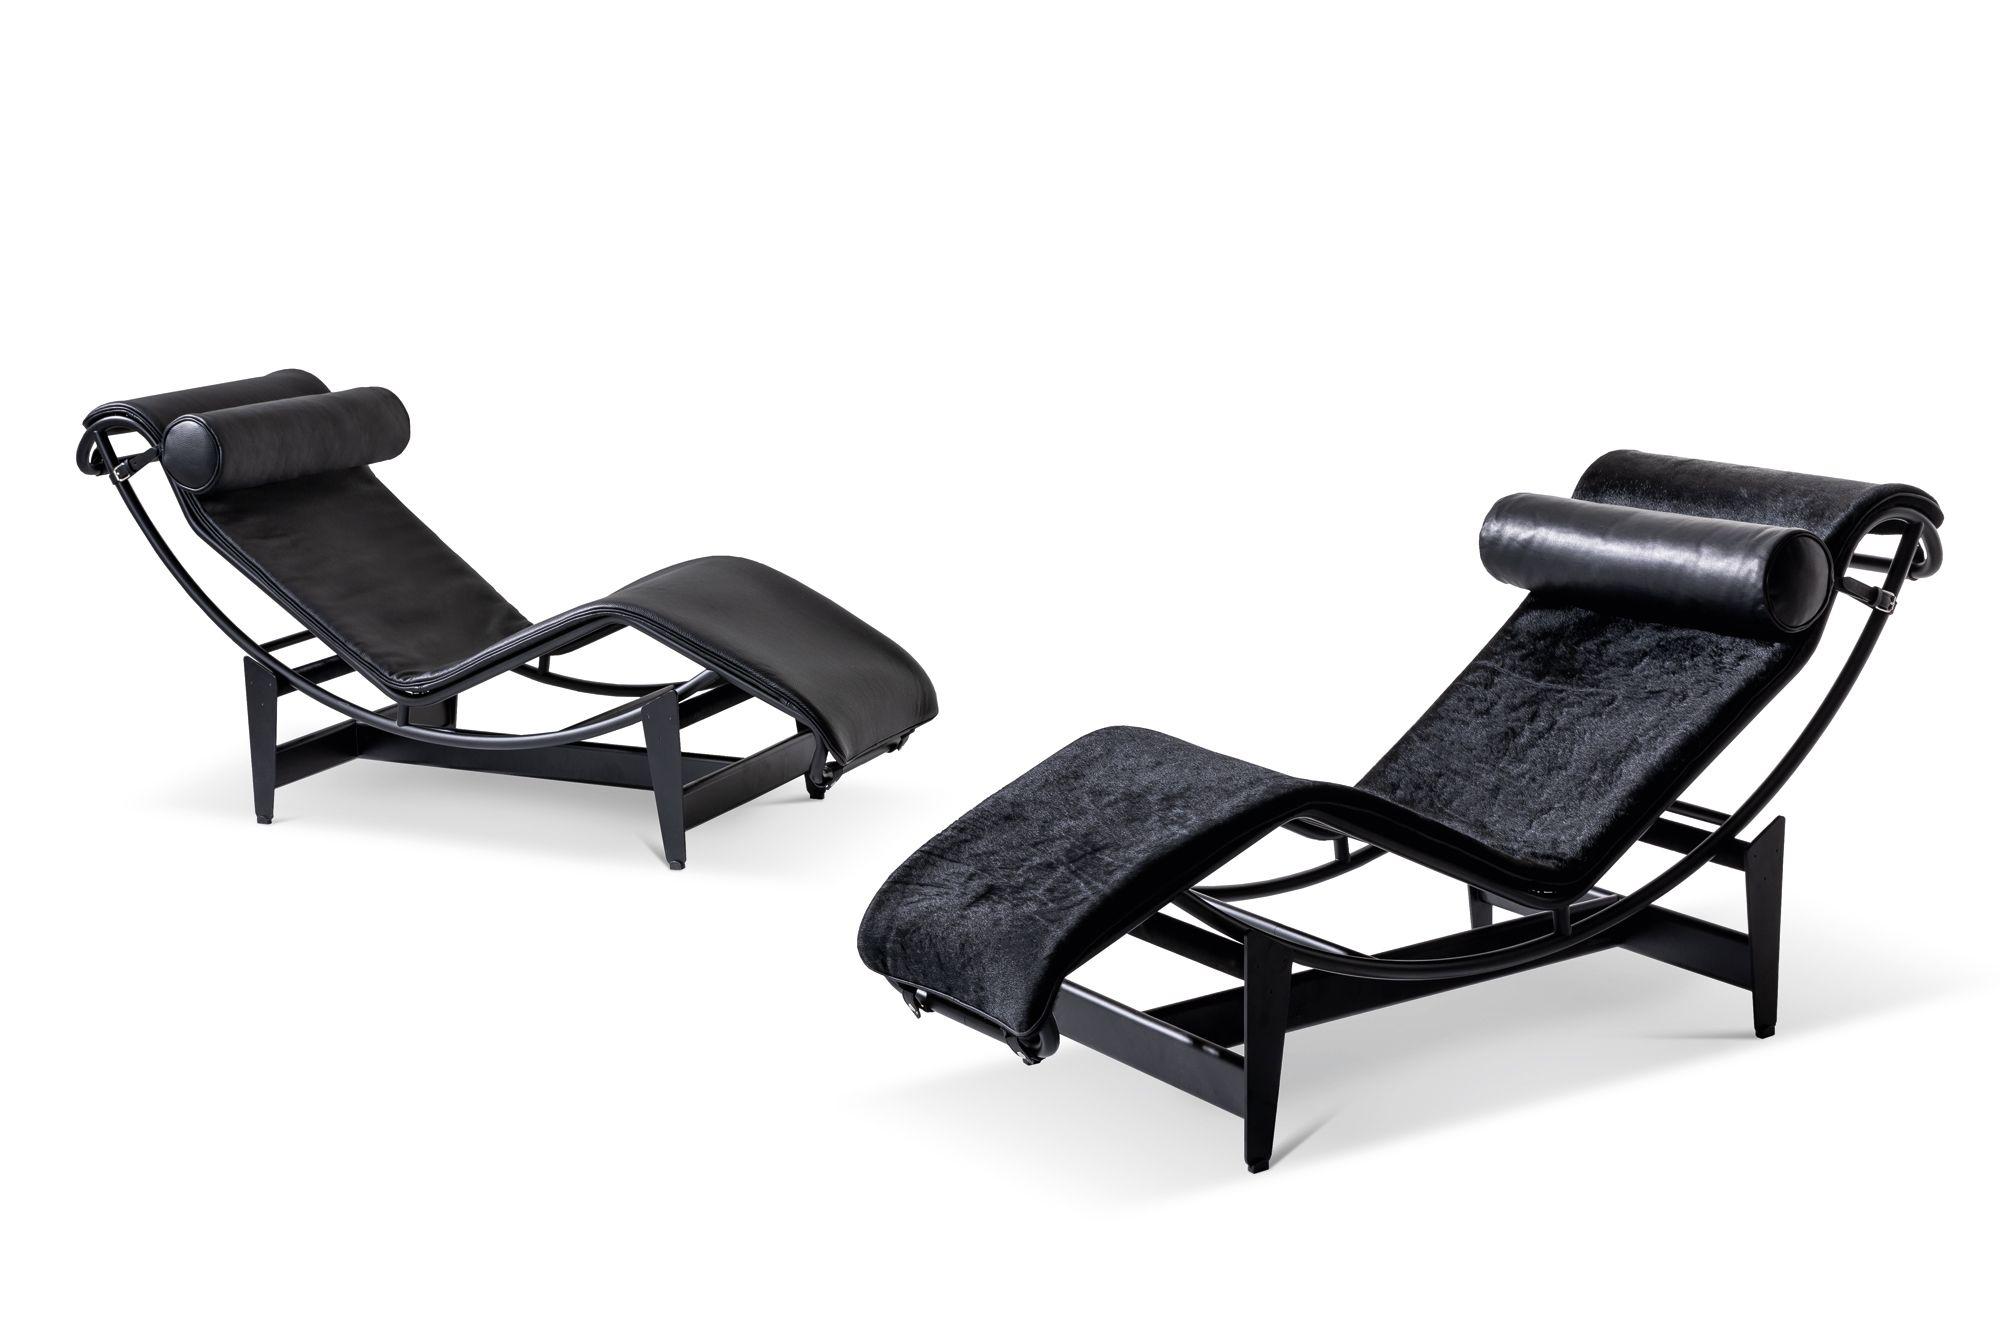 Die Lounge-Sitzmöbel LC4 zeichnen sich durch ein raffiniertes Design mit entspannter Ausstrahlung aus (Foto: Mit freundlicher Genehmigung von Cassina)